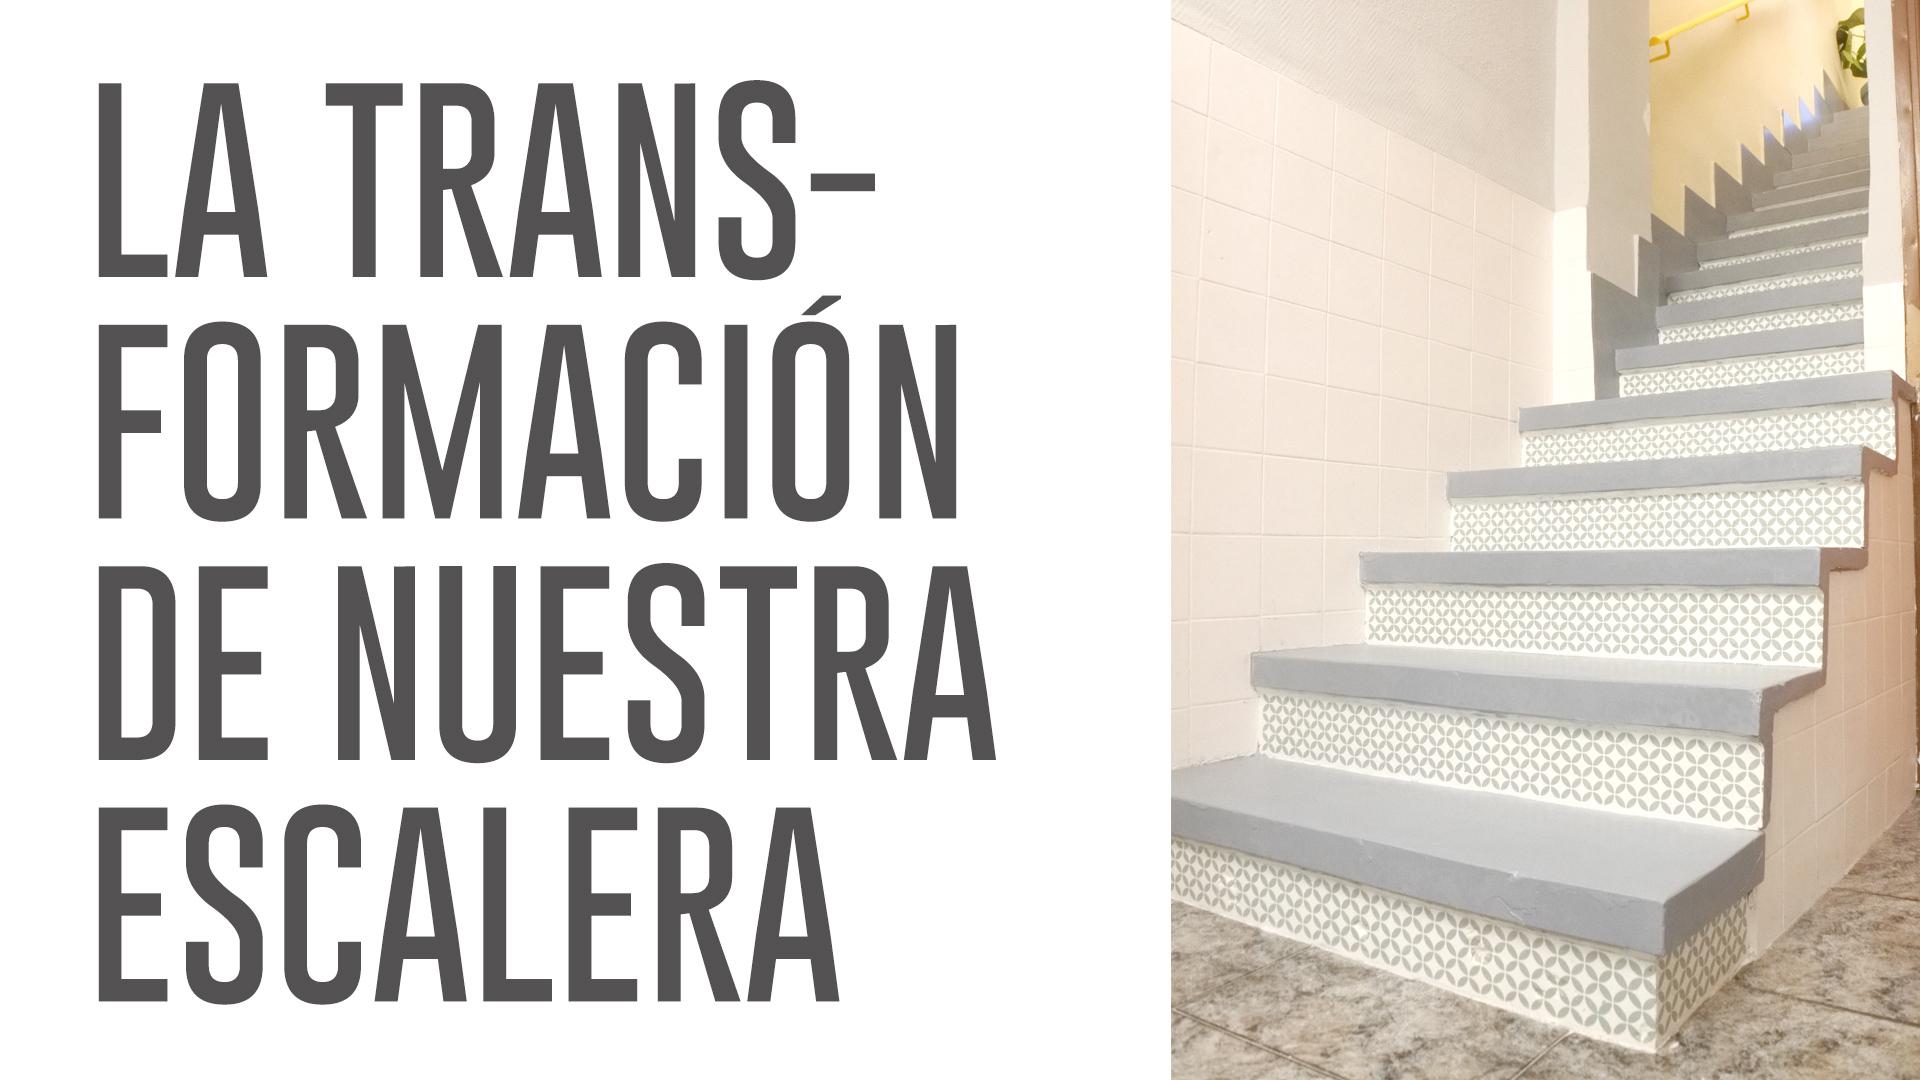 JIPIJAPAS_LA TRANSFORMACION DE NUESTRA ESCALERA_00004